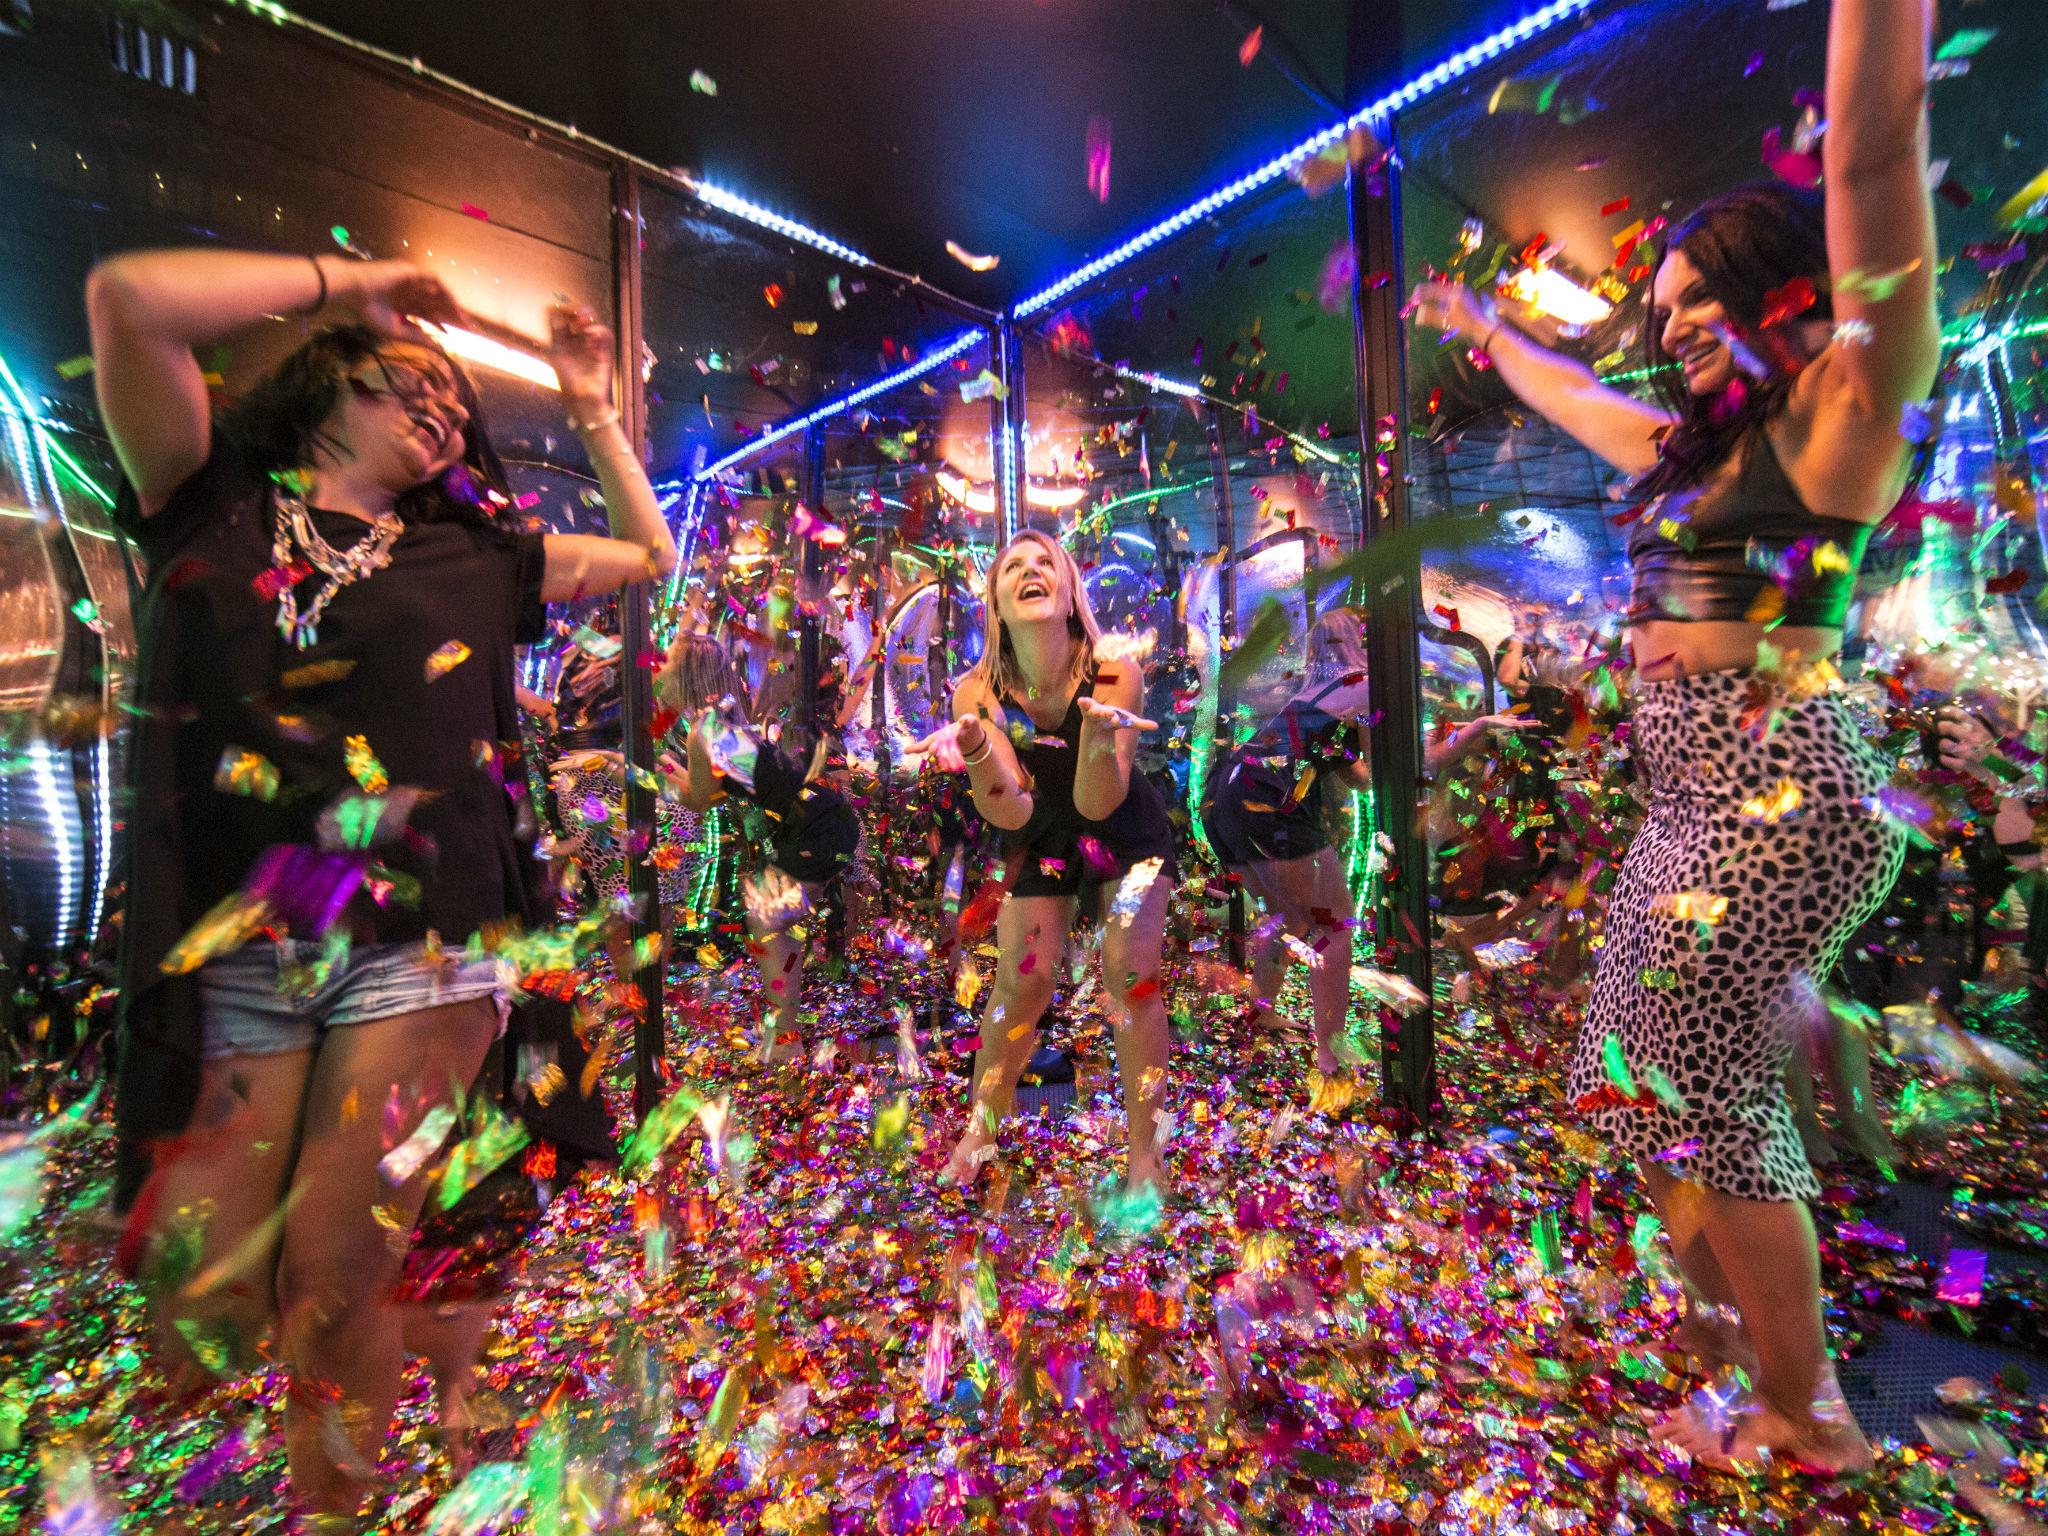 Women dancing in glitter